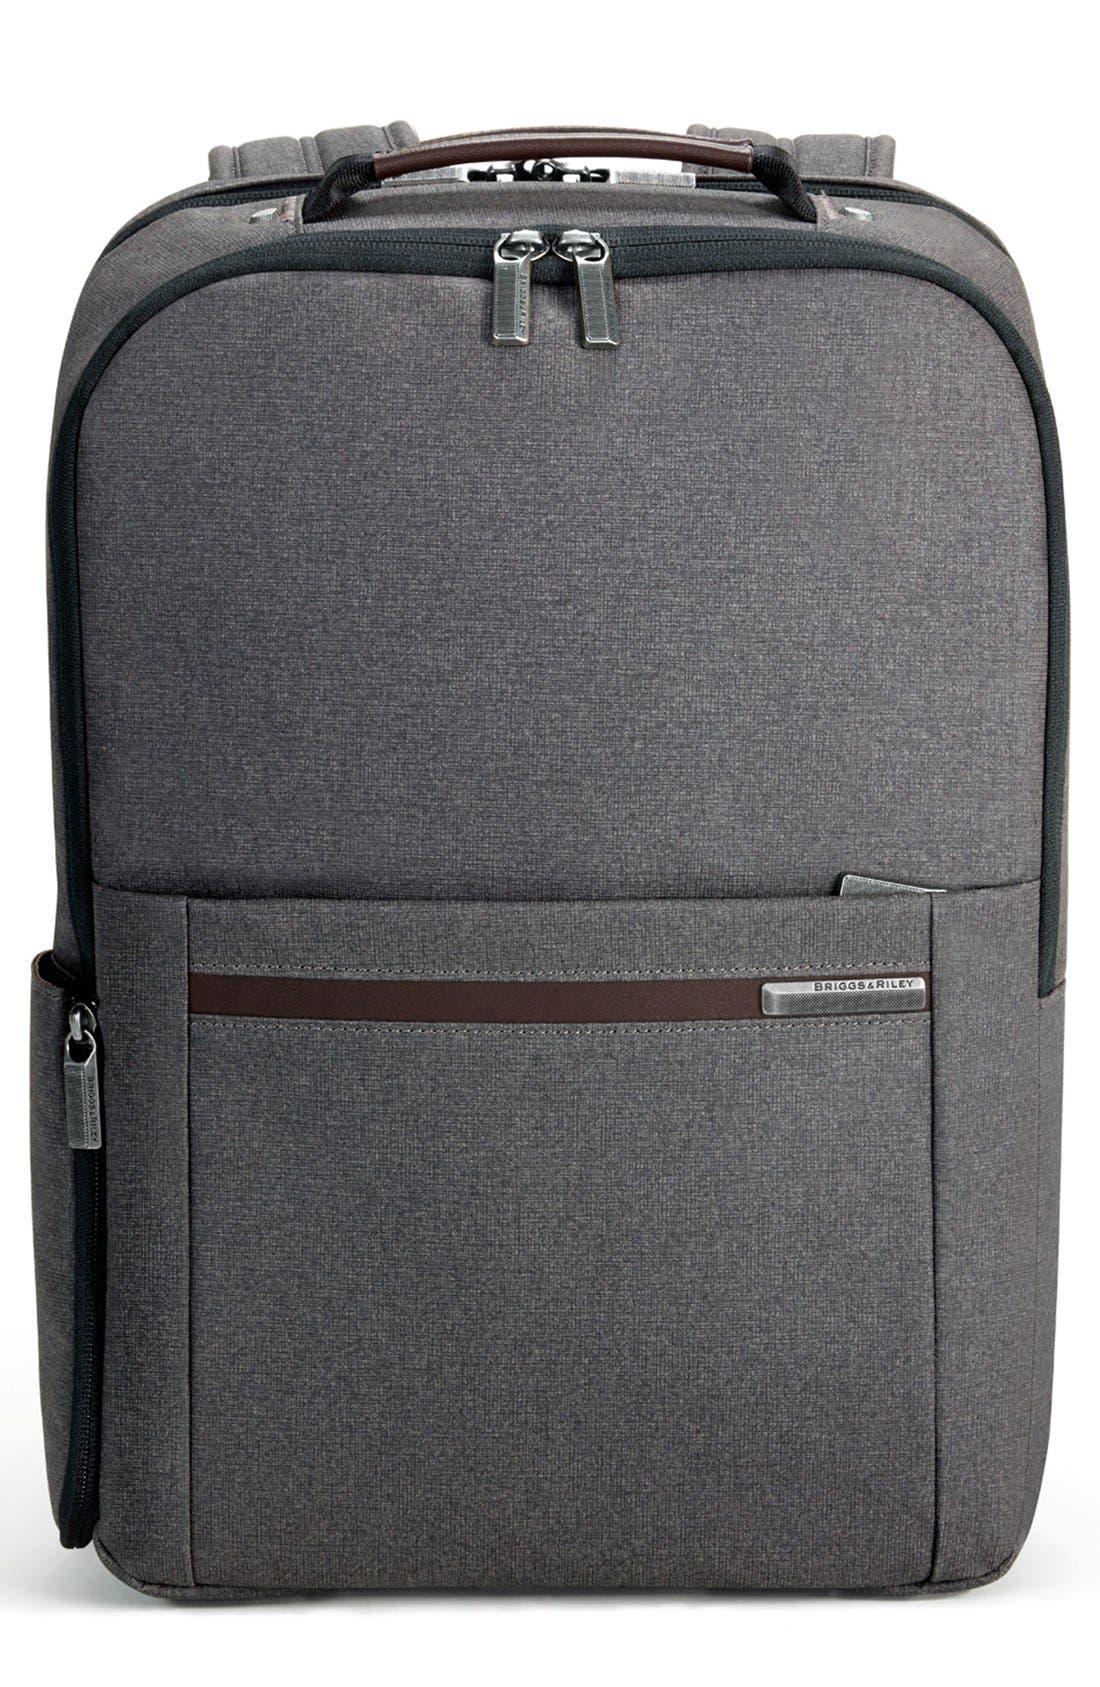 Alternate Image 1 Selected - Briggs & Riley 'Kinzie Street' Medium Backpack